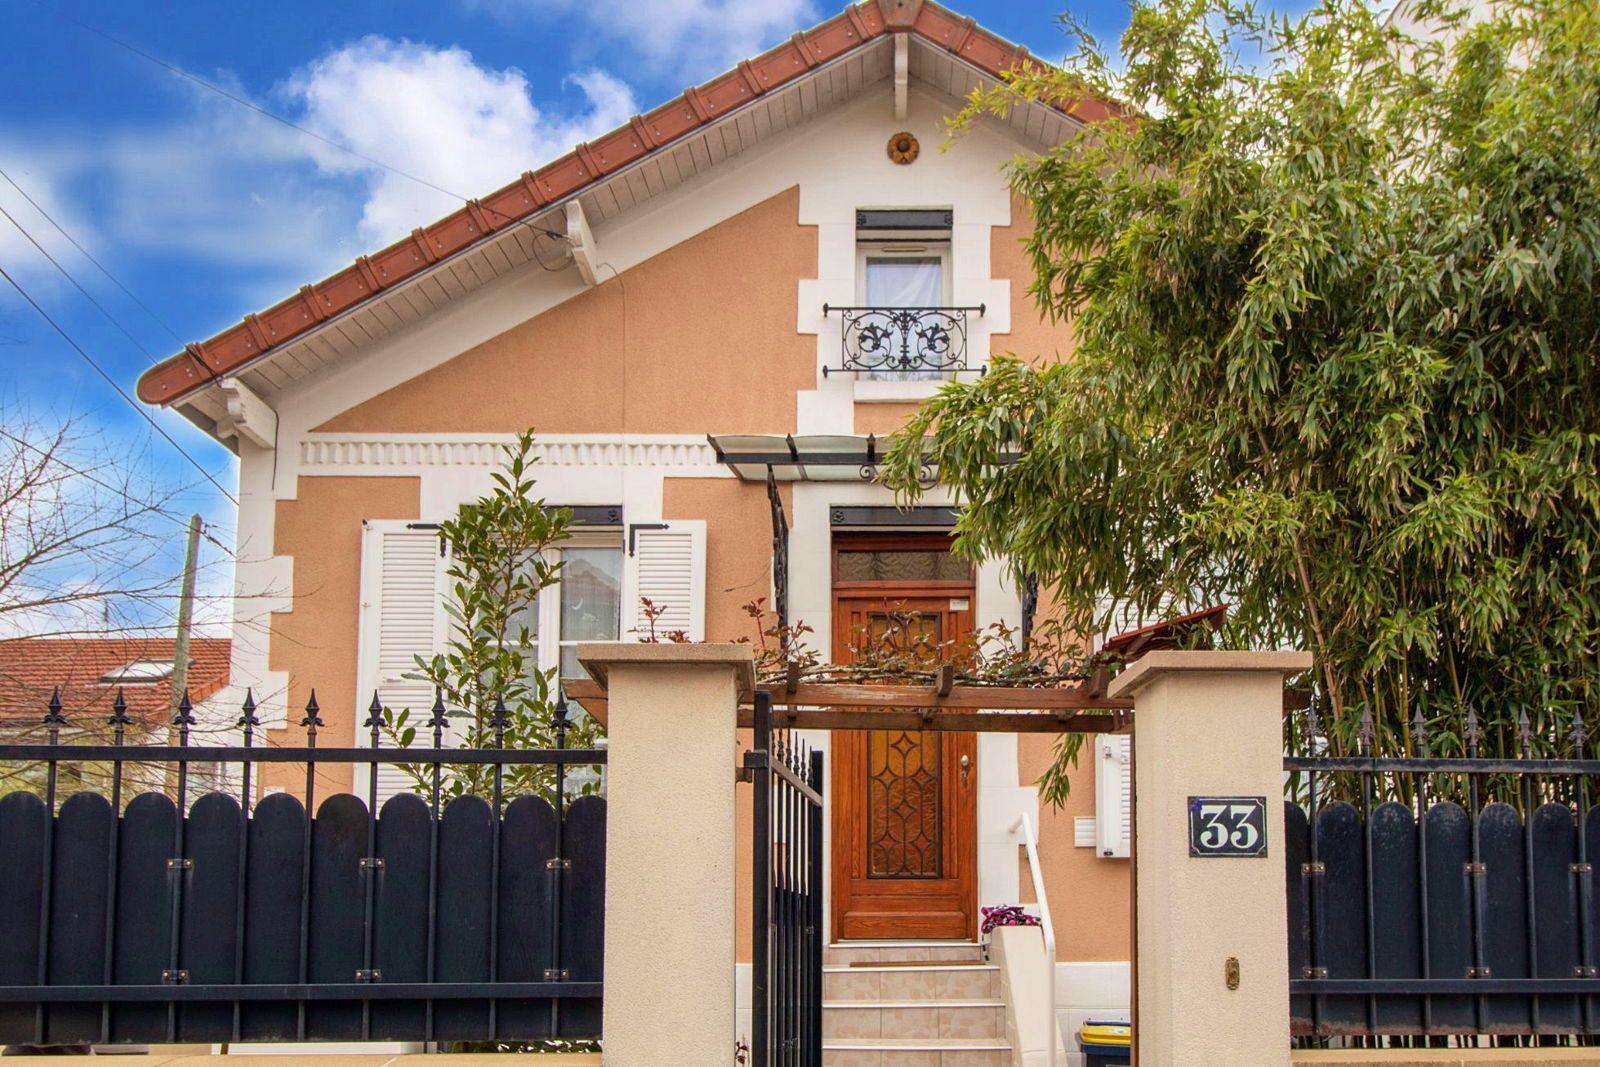 Vends Maison de 4/5pièces avec potentiel - Colombes Petite Garenne - 85m²